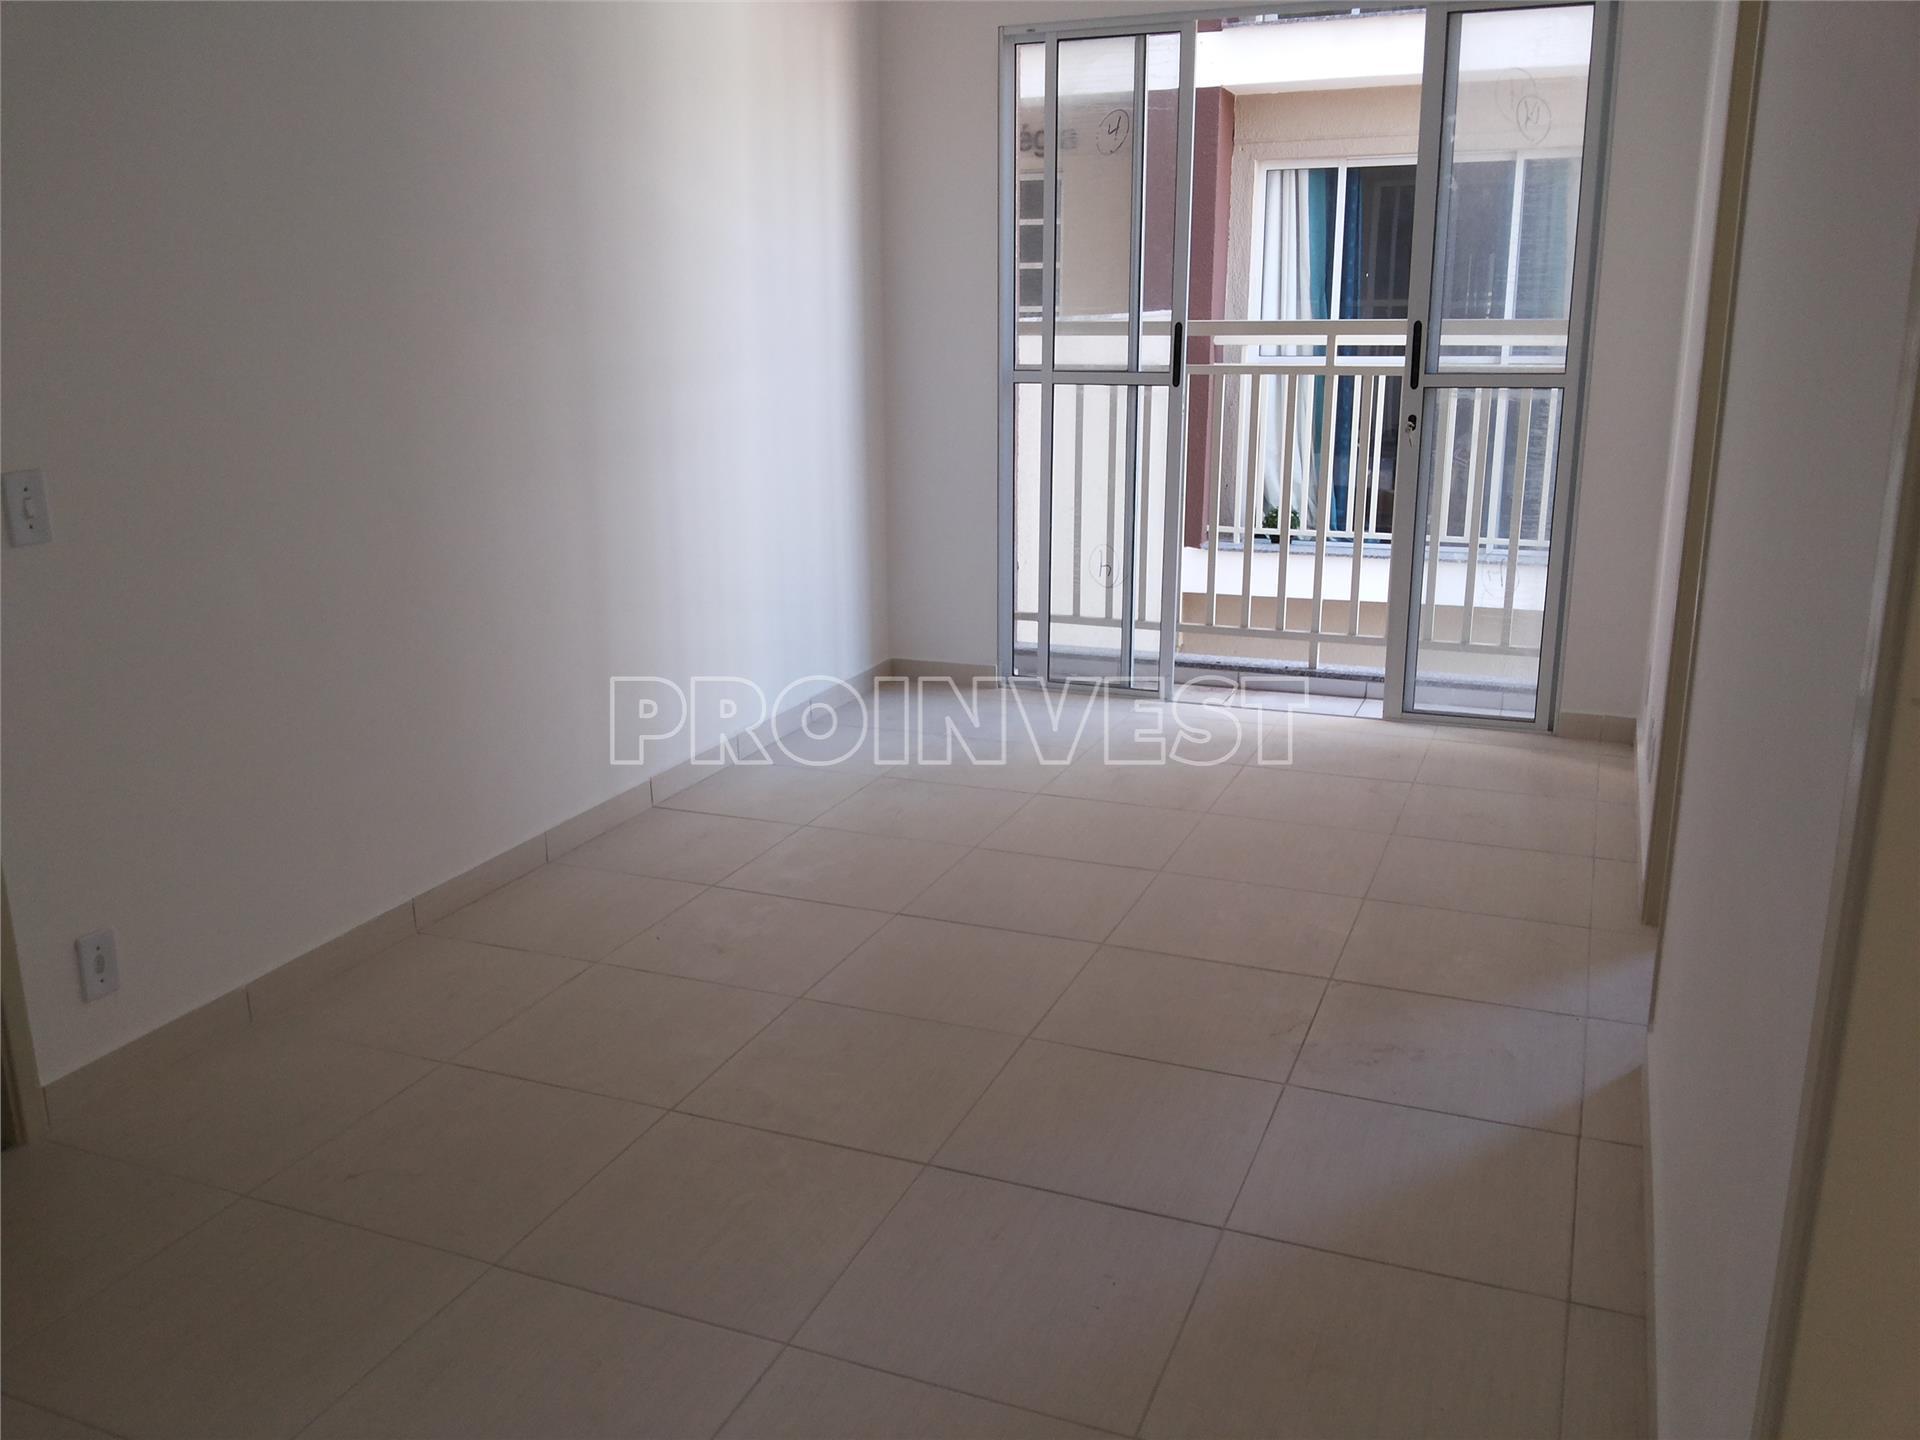 Apartamento de 2 dormitórios em Jardim Primavera, Carapicuíba - SP